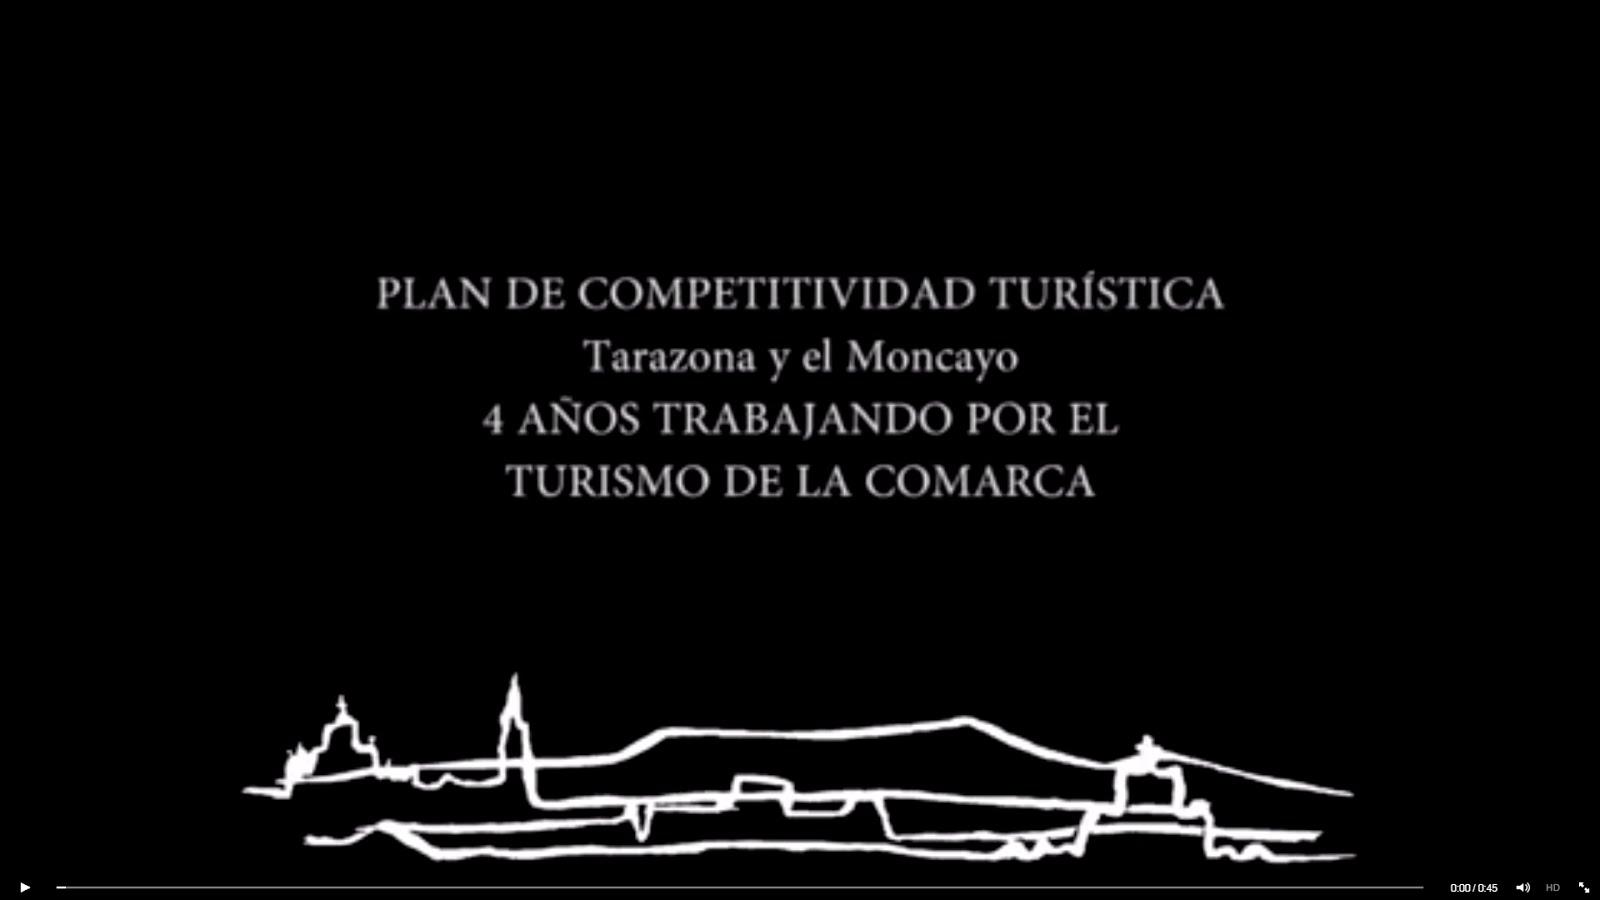 Acciones del Plan de Competitividad Turística de la Comarca de Tarazona y el Moncayo 2